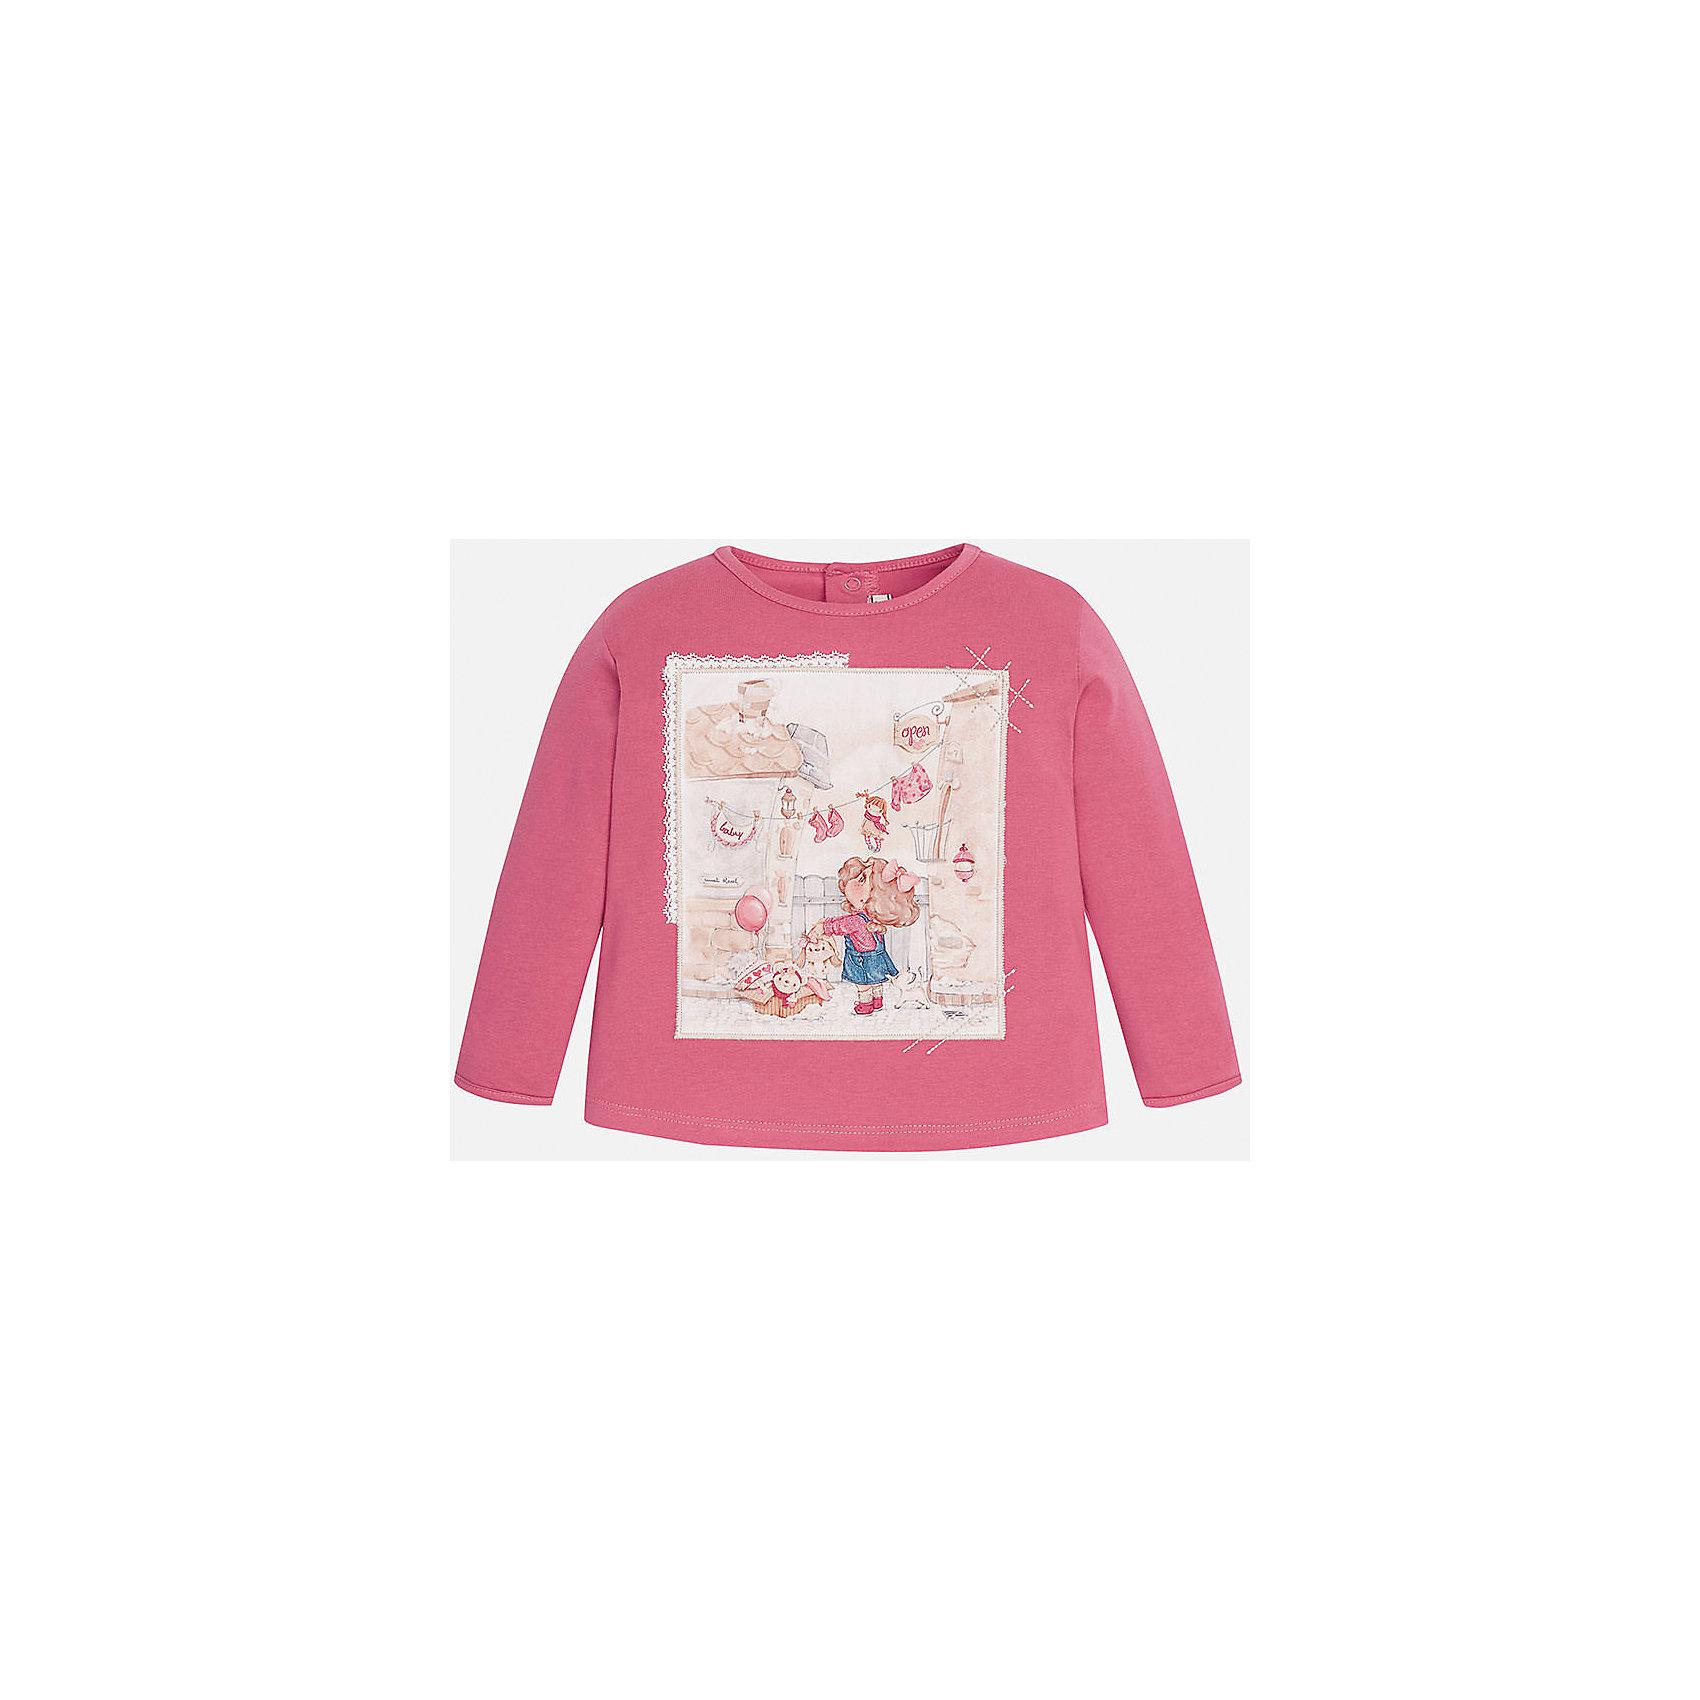 Футболка с длинным рукавом для девочки MayoralКофточки и распашонки<br>Футболка для девочки от известного испанского бренда Mayoral (Майорал). Эта модная и удобная футболка с длинным рукавом сочетает в себе стиль и простоту. Приятный насыщенный розовый цвет и нежный фото-принт с девочкой придут по вкусу вашей моднице. У футболки свободный крой, слегка расширяющийся к низу. Футболка застегивается сзади на две кнопочки. Отличное пополнение для сезона осень-зима. К этой футболке подойдут как классические юбки и брюки, так и джинсы или штаны спортивного кроя. <br><br>Дополнительная информация:<br><br>- Силуэт: расширяющийся к низу<br>- Рукав: укороченный<br>- Длина: средняя<br><br>Состав: 92% хлопок, 8% эластан<br><br>Футболку для девочки Mayoral (Майорал) можно купить в нашем интернет-магазине.<br><br>Подробнее:<br>• Для детей в возрасте: от 4 до 9 лет<br>• Номер товара: 4846019<br>Страна производитель: Индия<br><br>Ширина мм: 199<br>Глубина мм: 10<br>Высота мм: 161<br>Вес г: 151<br>Цвет: розовый<br>Возраст от месяцев: 6<br>Возраст до месяцев: 9<br>Пол: Женский<br>Возраст: Детский<br>Размер: 74,80,86,92<br>SKU: 4846019